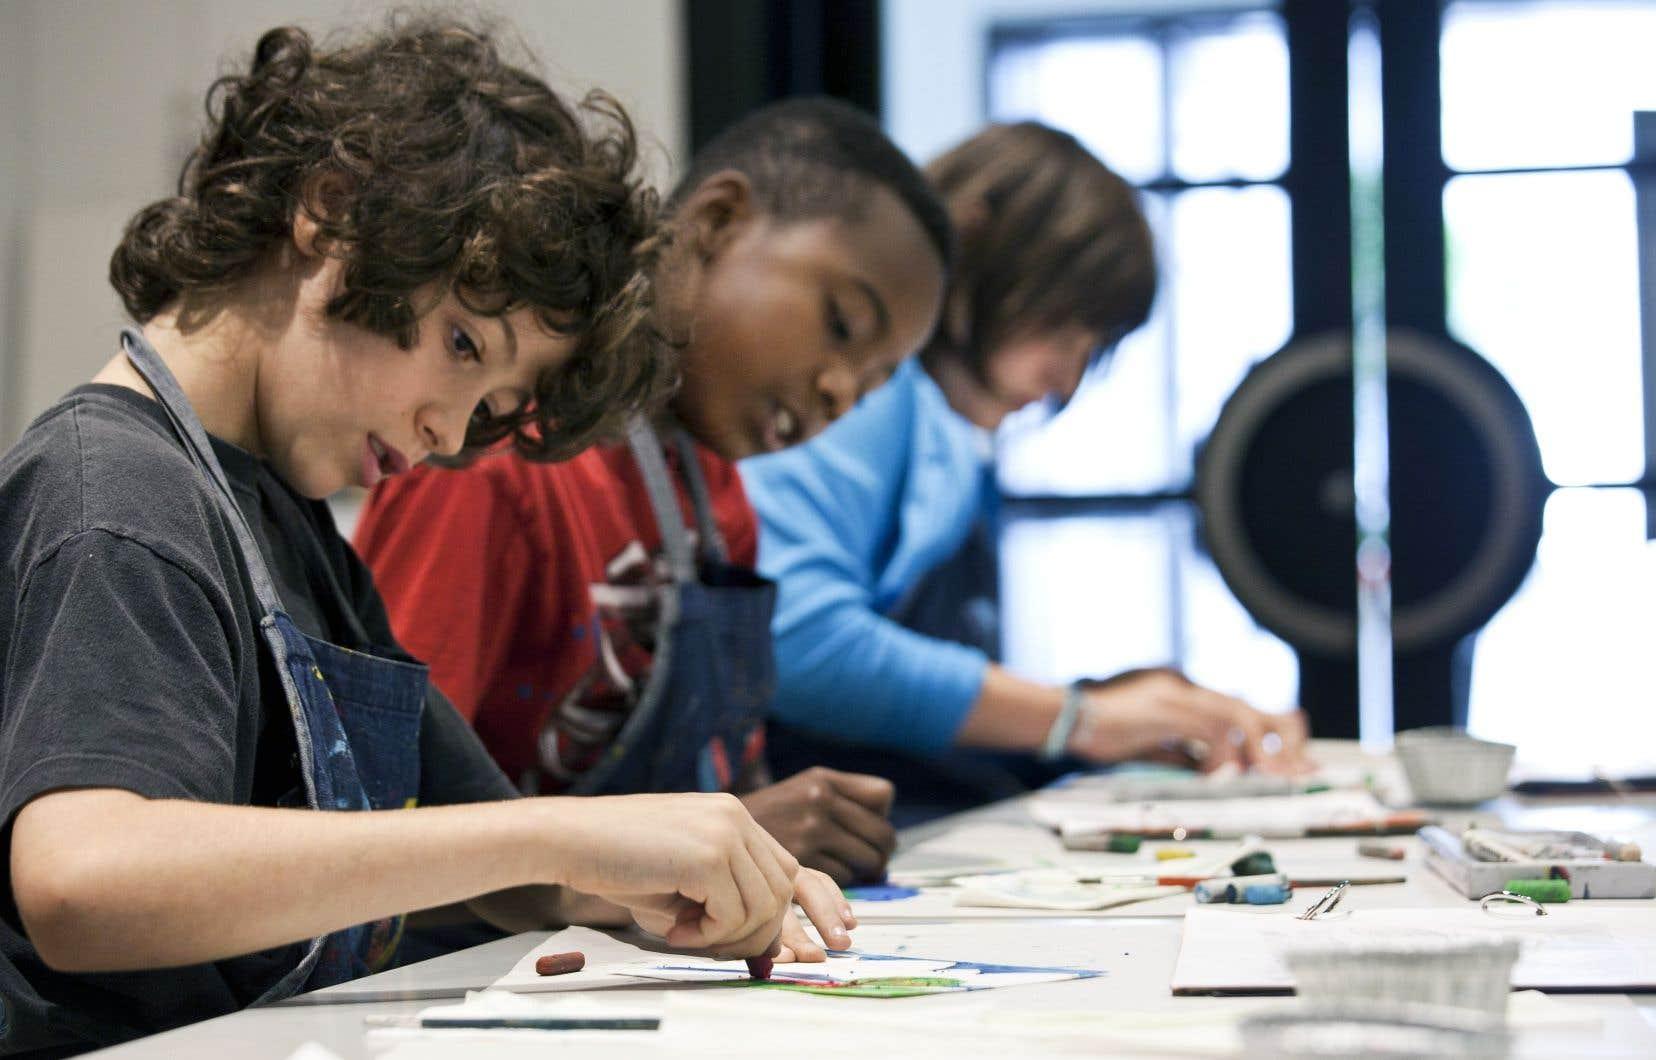 Atelier pour les enfants au Musée des beaux-arts de Montréal. Québec consacrera 35millions à l'augmentation des sorties culturelles pour les élèves. Un autre montant de 35millions sera accordé à différentes institutions pour «renforcer leur action auprès des jeunes».